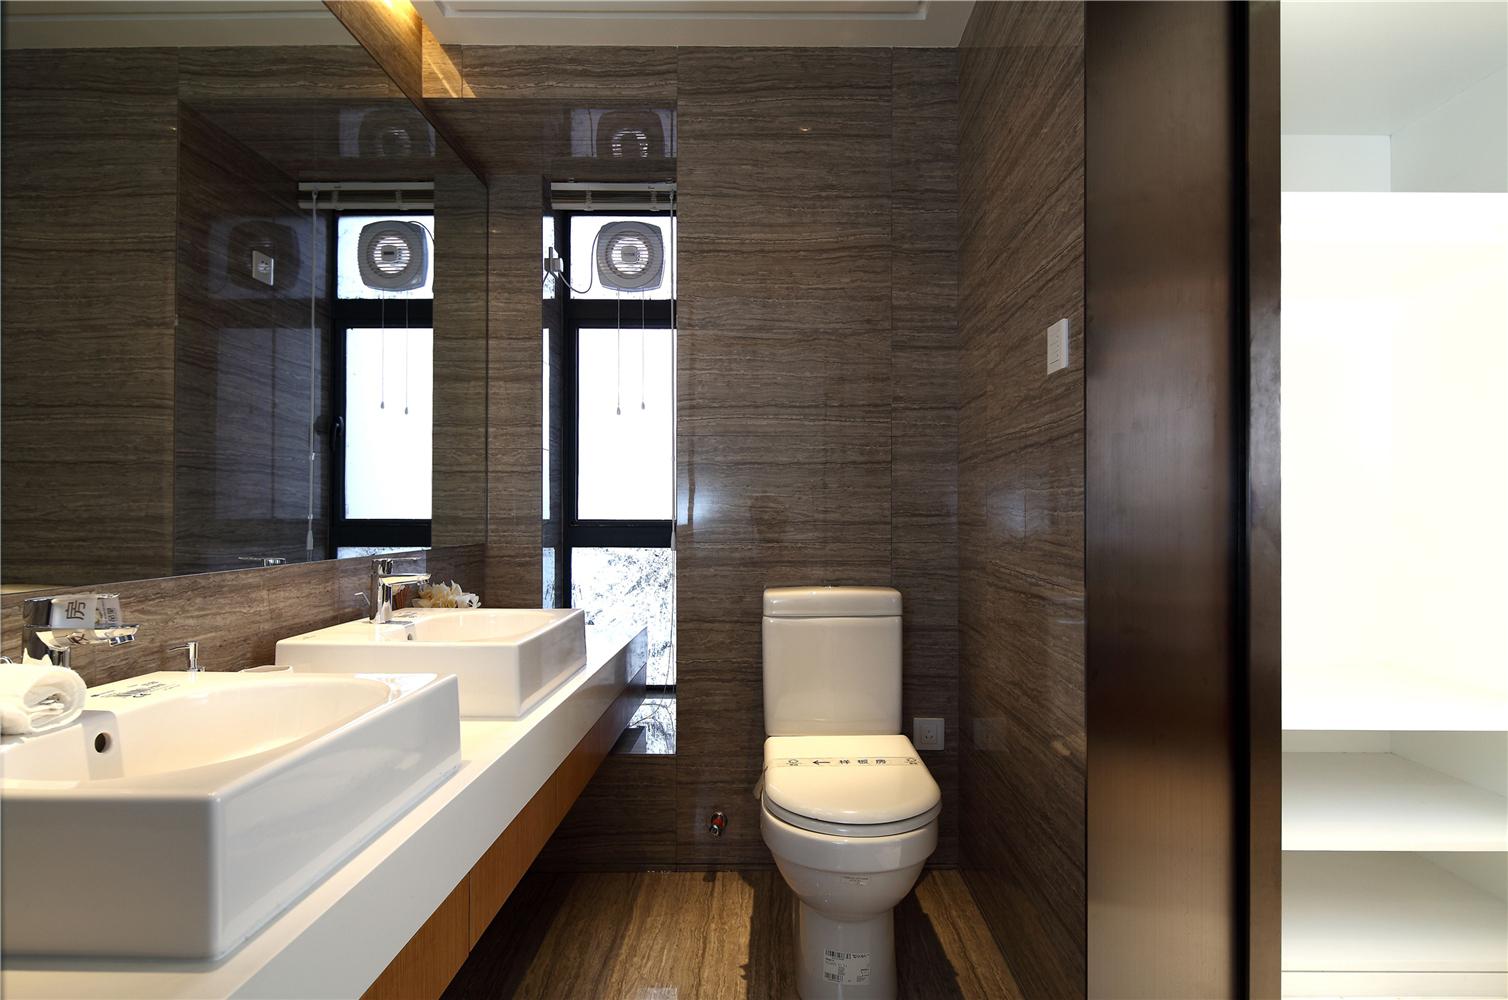 146㎡现代简约卫生间装修效果图